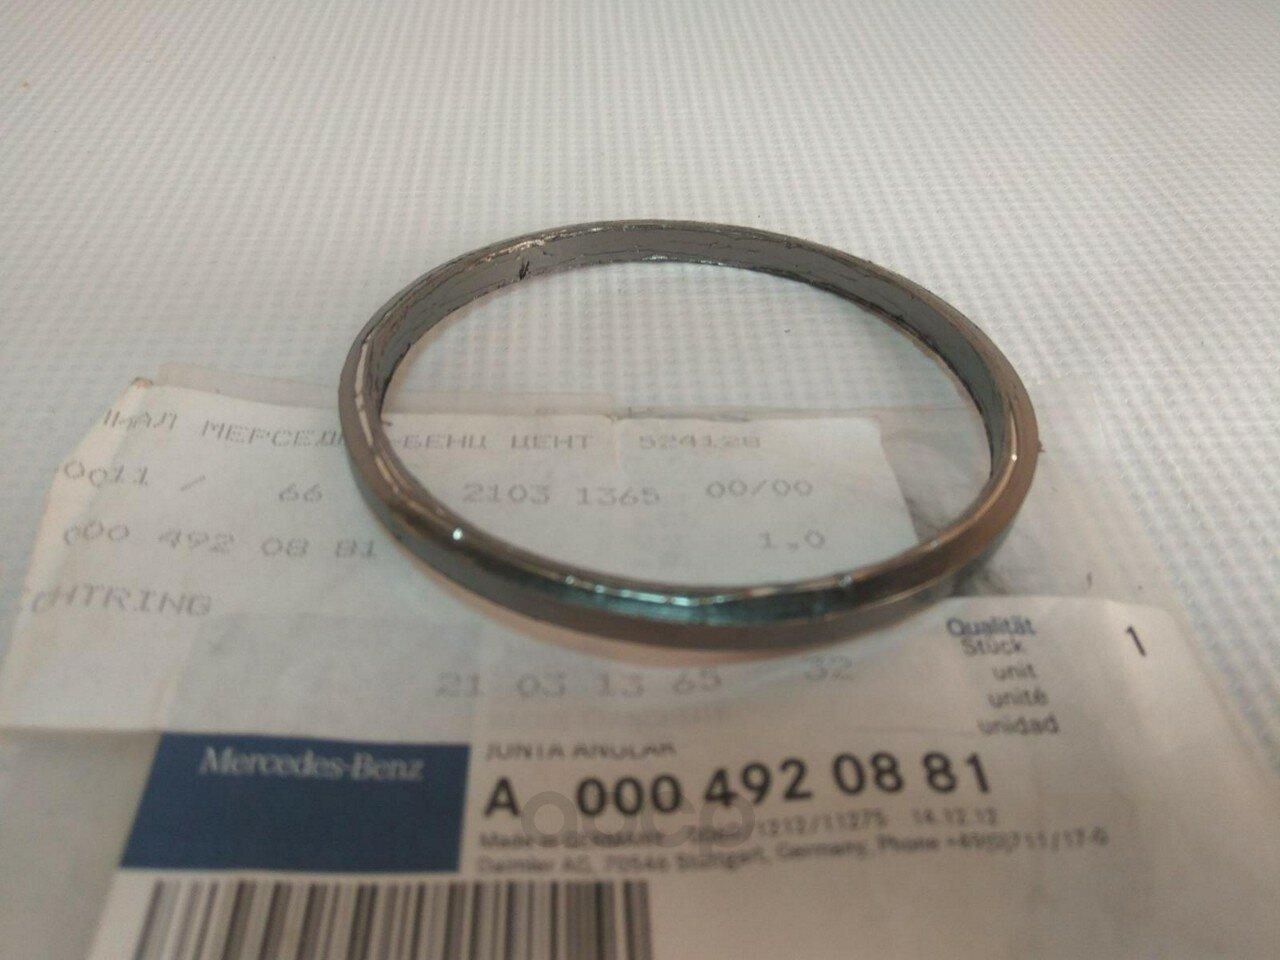 Кольцо уплотнительное выпускной системы MERCEDES-BENZ арт. A0004920881